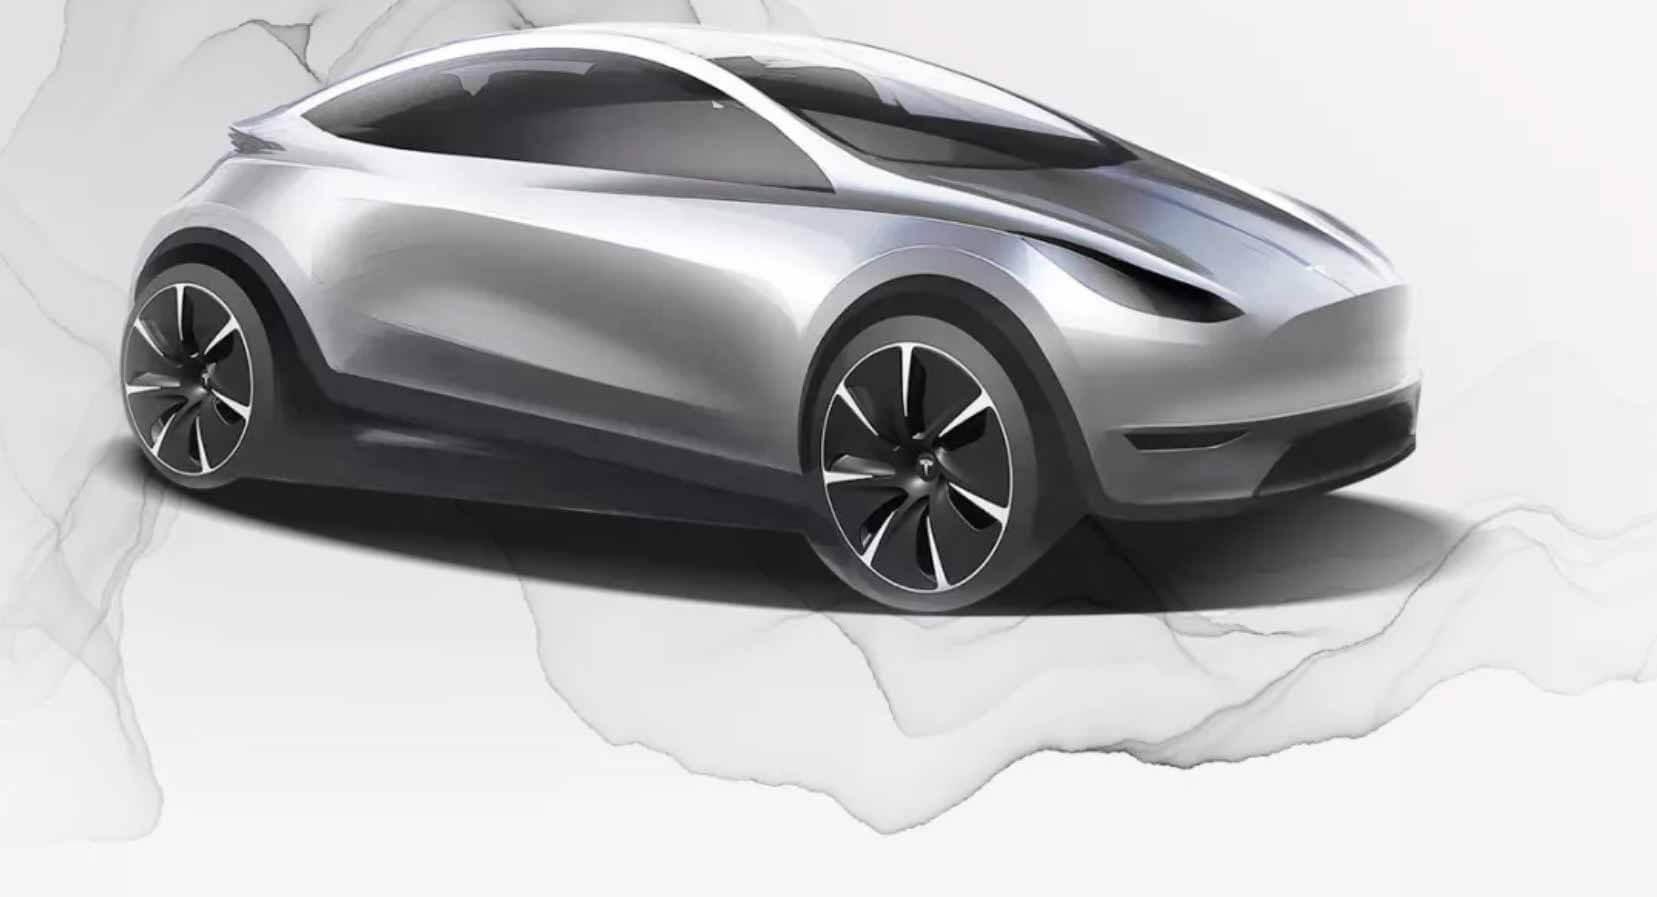 Тесла хочет автомобиль в китайском стиле, и они хотят, чтобы вы его проектировали